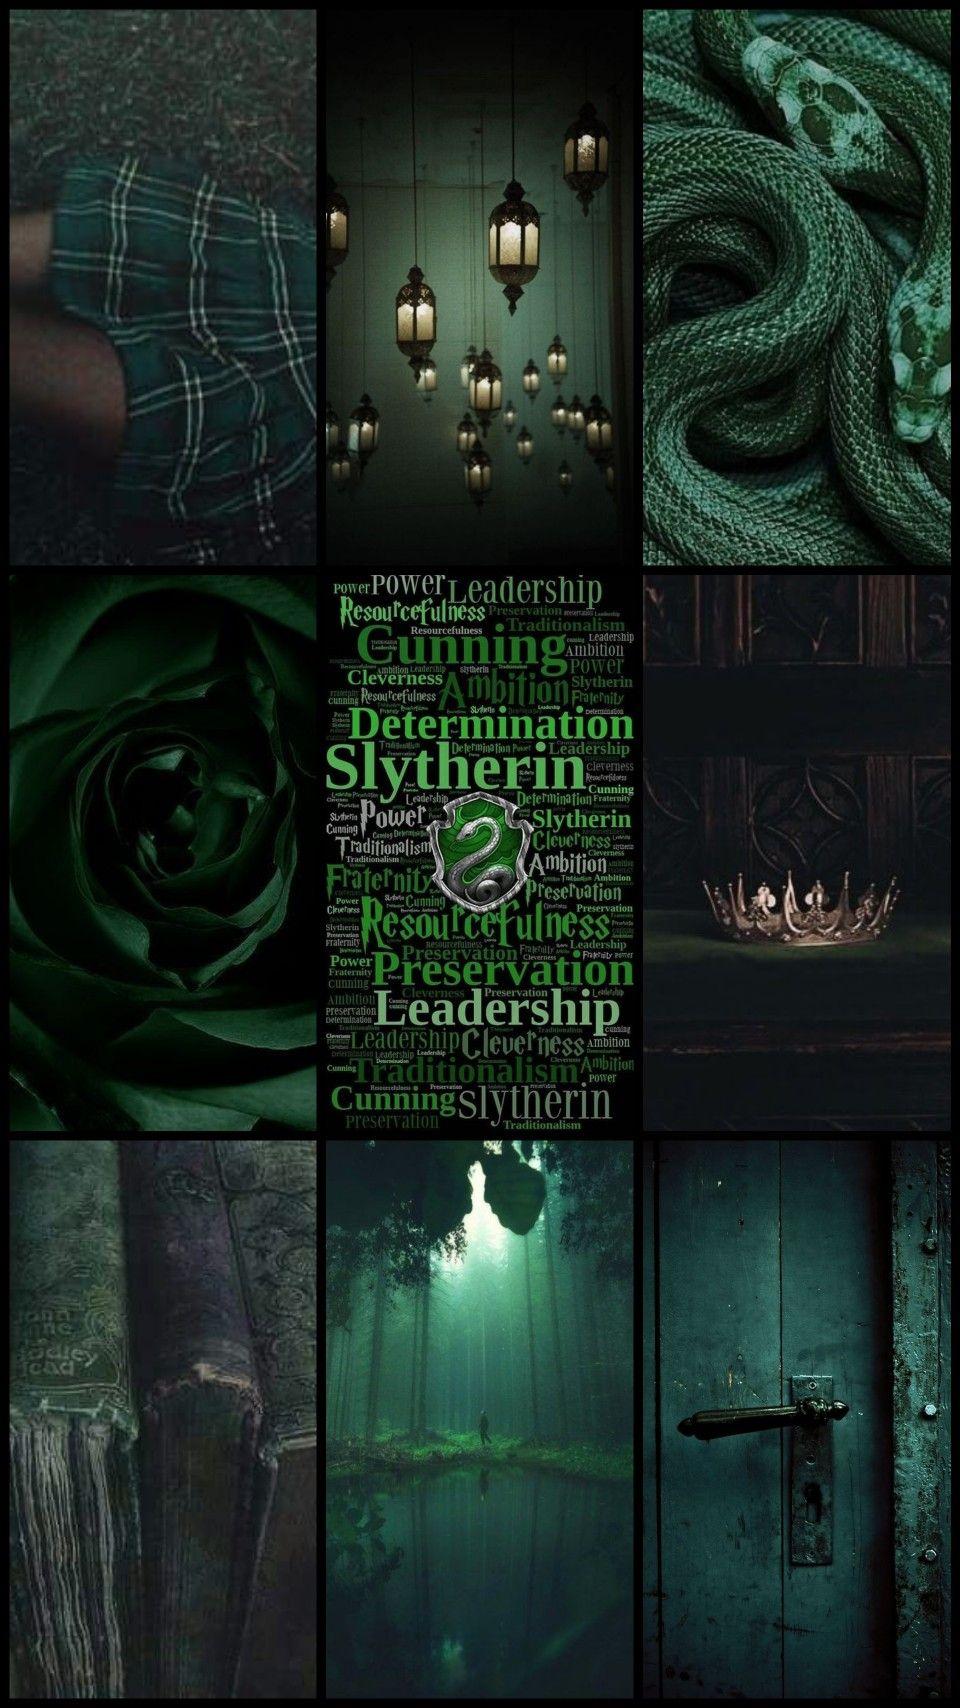 Slytherin Harry Potter Dark Green Wallpaper Aesthetic In 2020 Dark Green Wallpaper Slytherin Wallpaper Dark Green Aesthetic